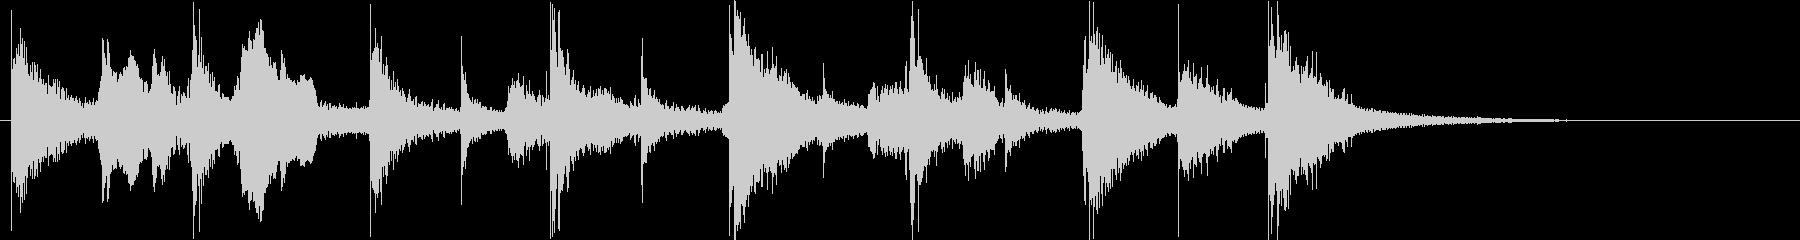 ジングル ウクレレ 口笛 かわいい の未再生の波形